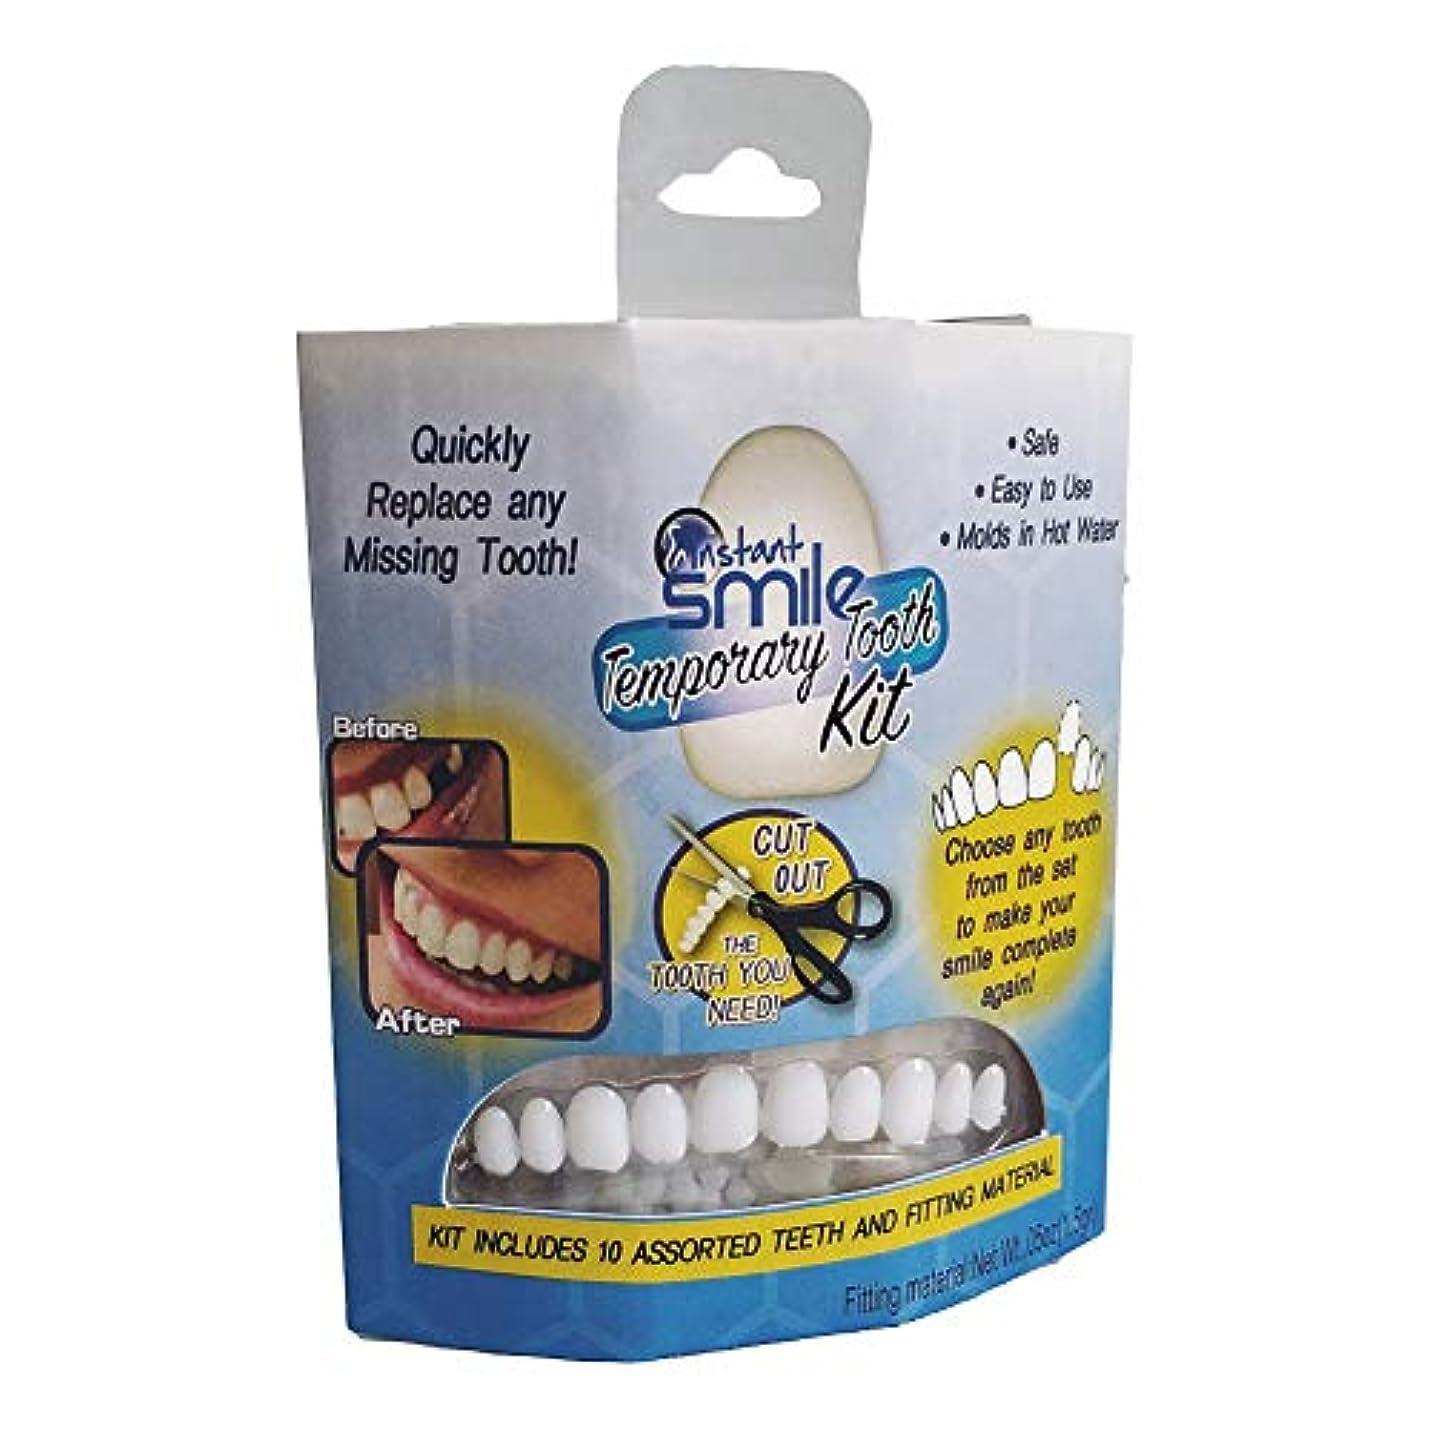 埋めるエチケットプレゼンターLITI 歯のソケット 美容義歯 入れ歯 歯のカバー テンポラリートゥースキット シリコーンのシミュレーションの歯科用義歯を白くする上下の歯の模擬装具 歯ホワイトニング 義歯貼り付け偽歯アッパー化粧品突き板